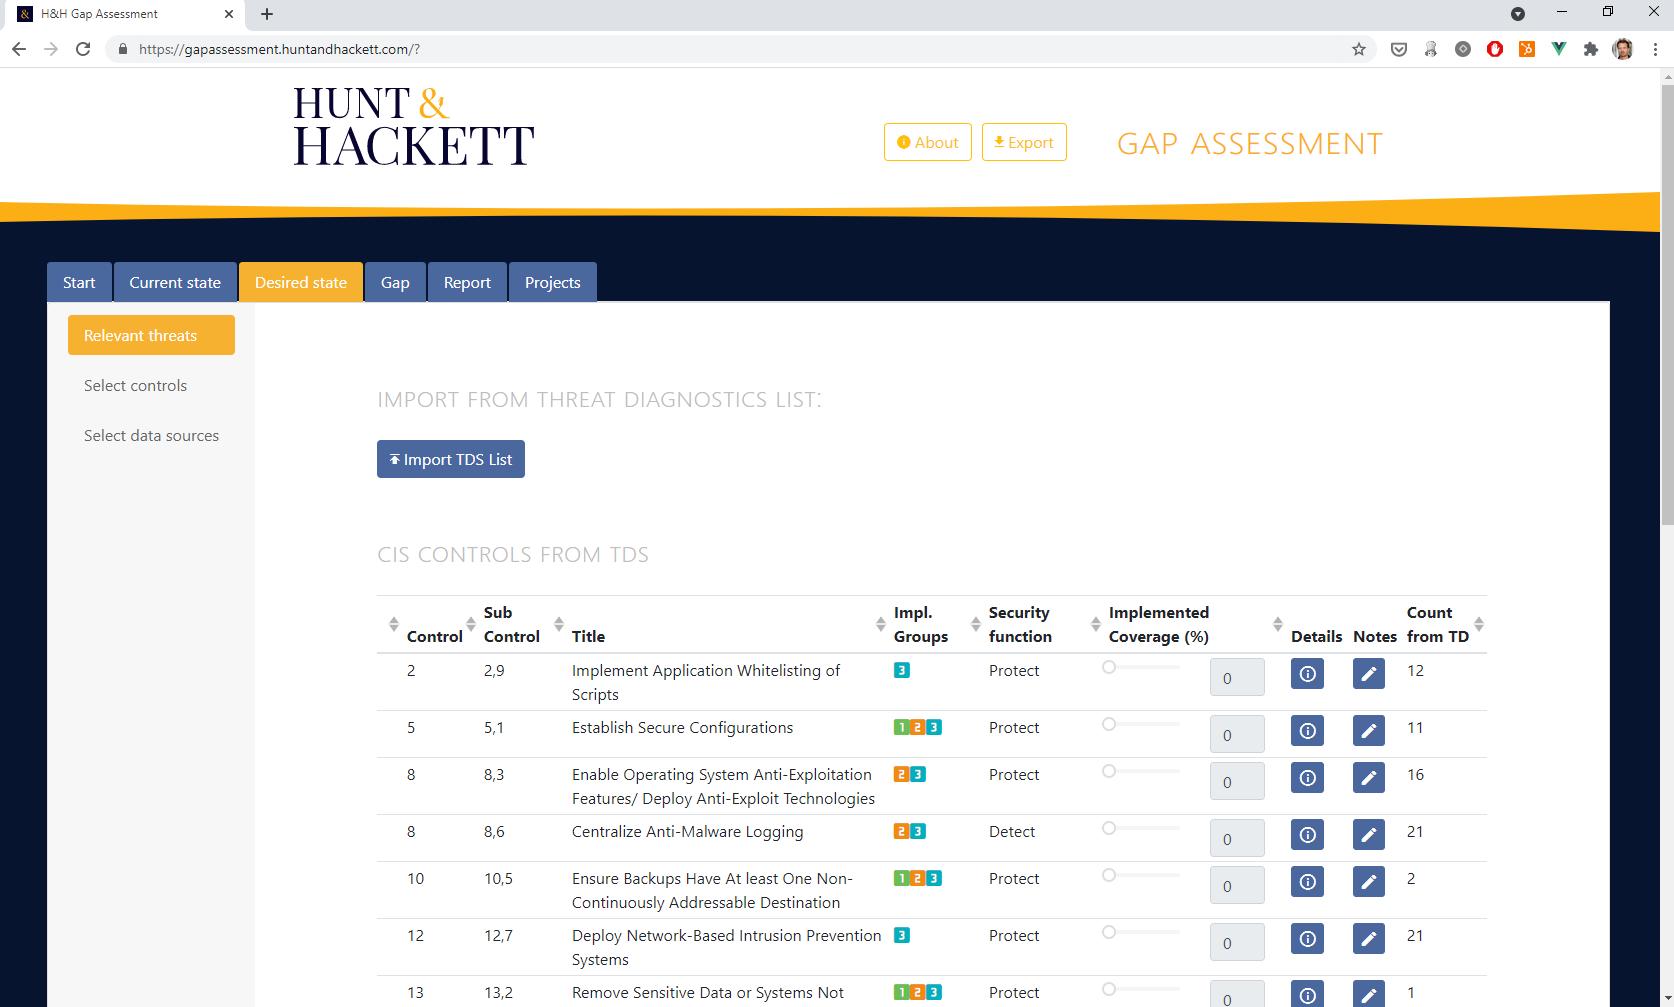 Screenshot of the Hunt & Hackett Gap Assessment platform